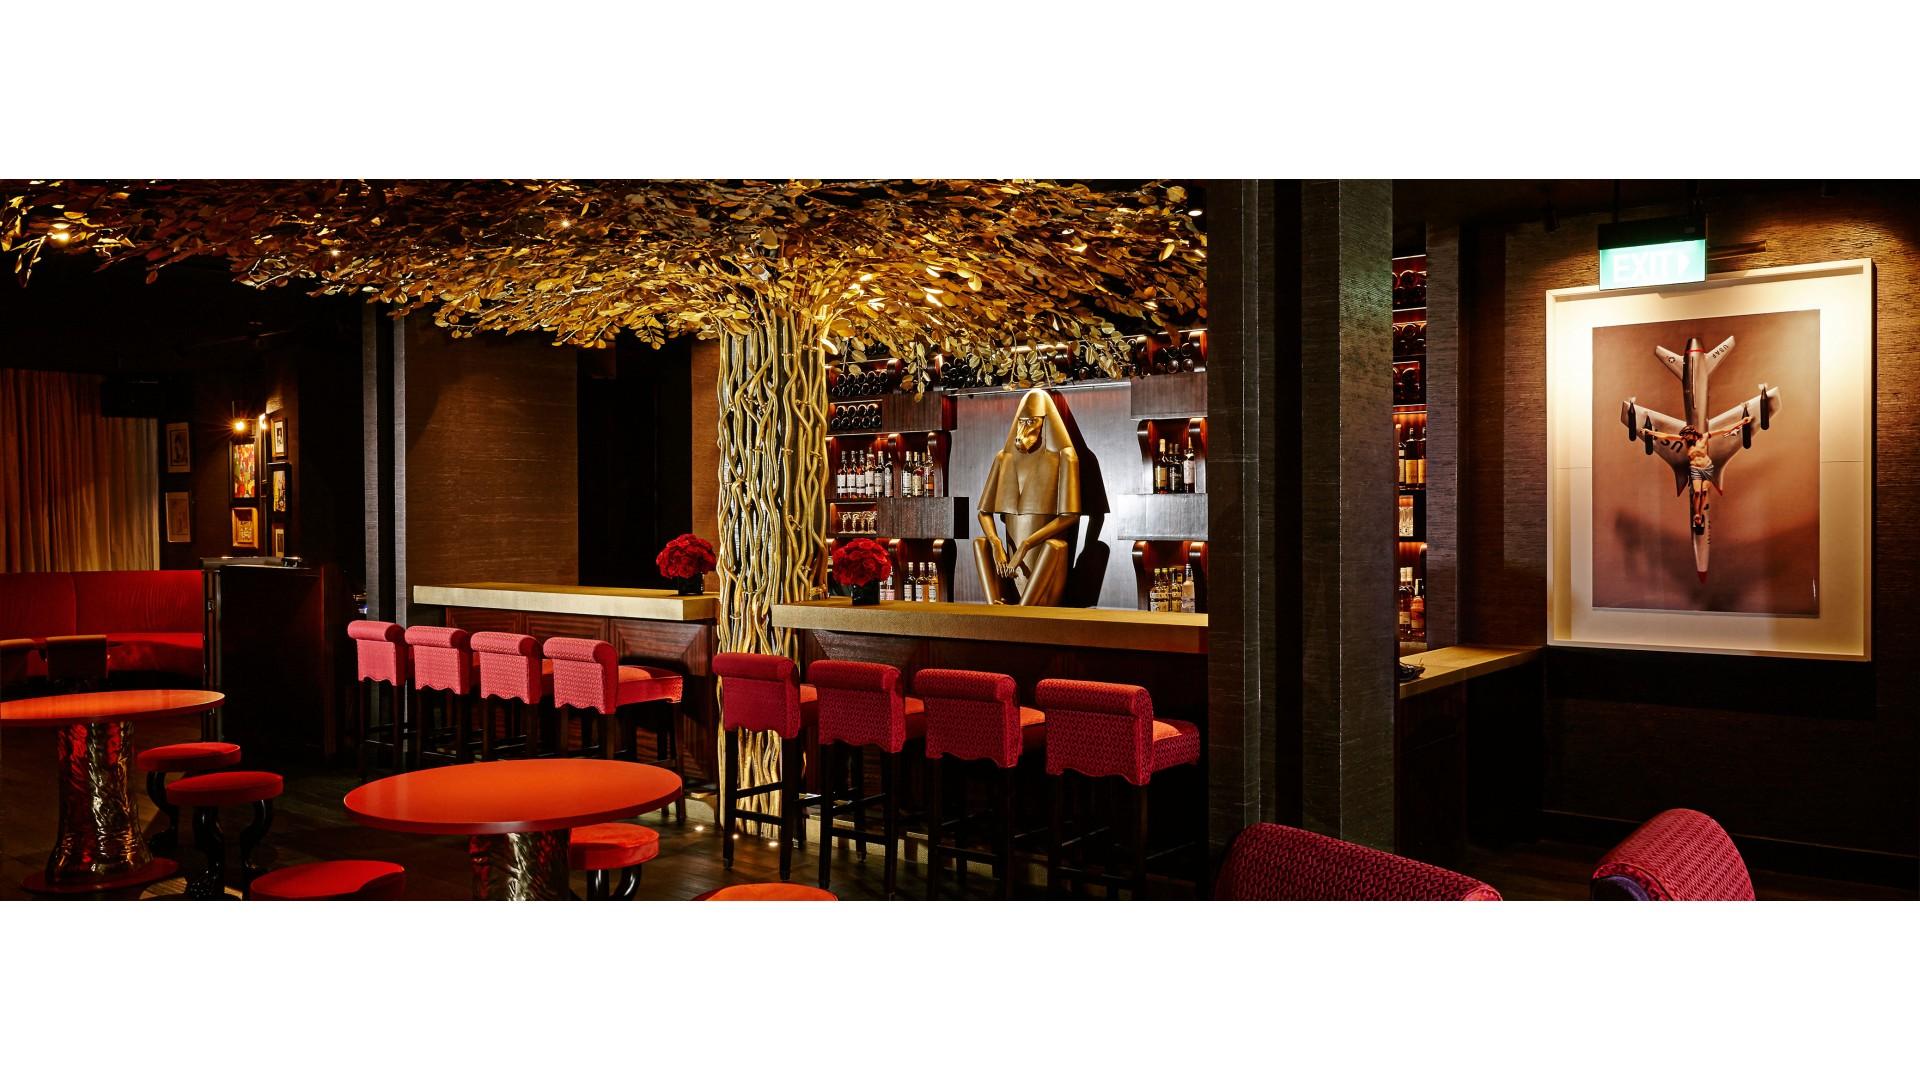 The Vagabond Club, Singapore hotel - Central Singapore, Singapore ...